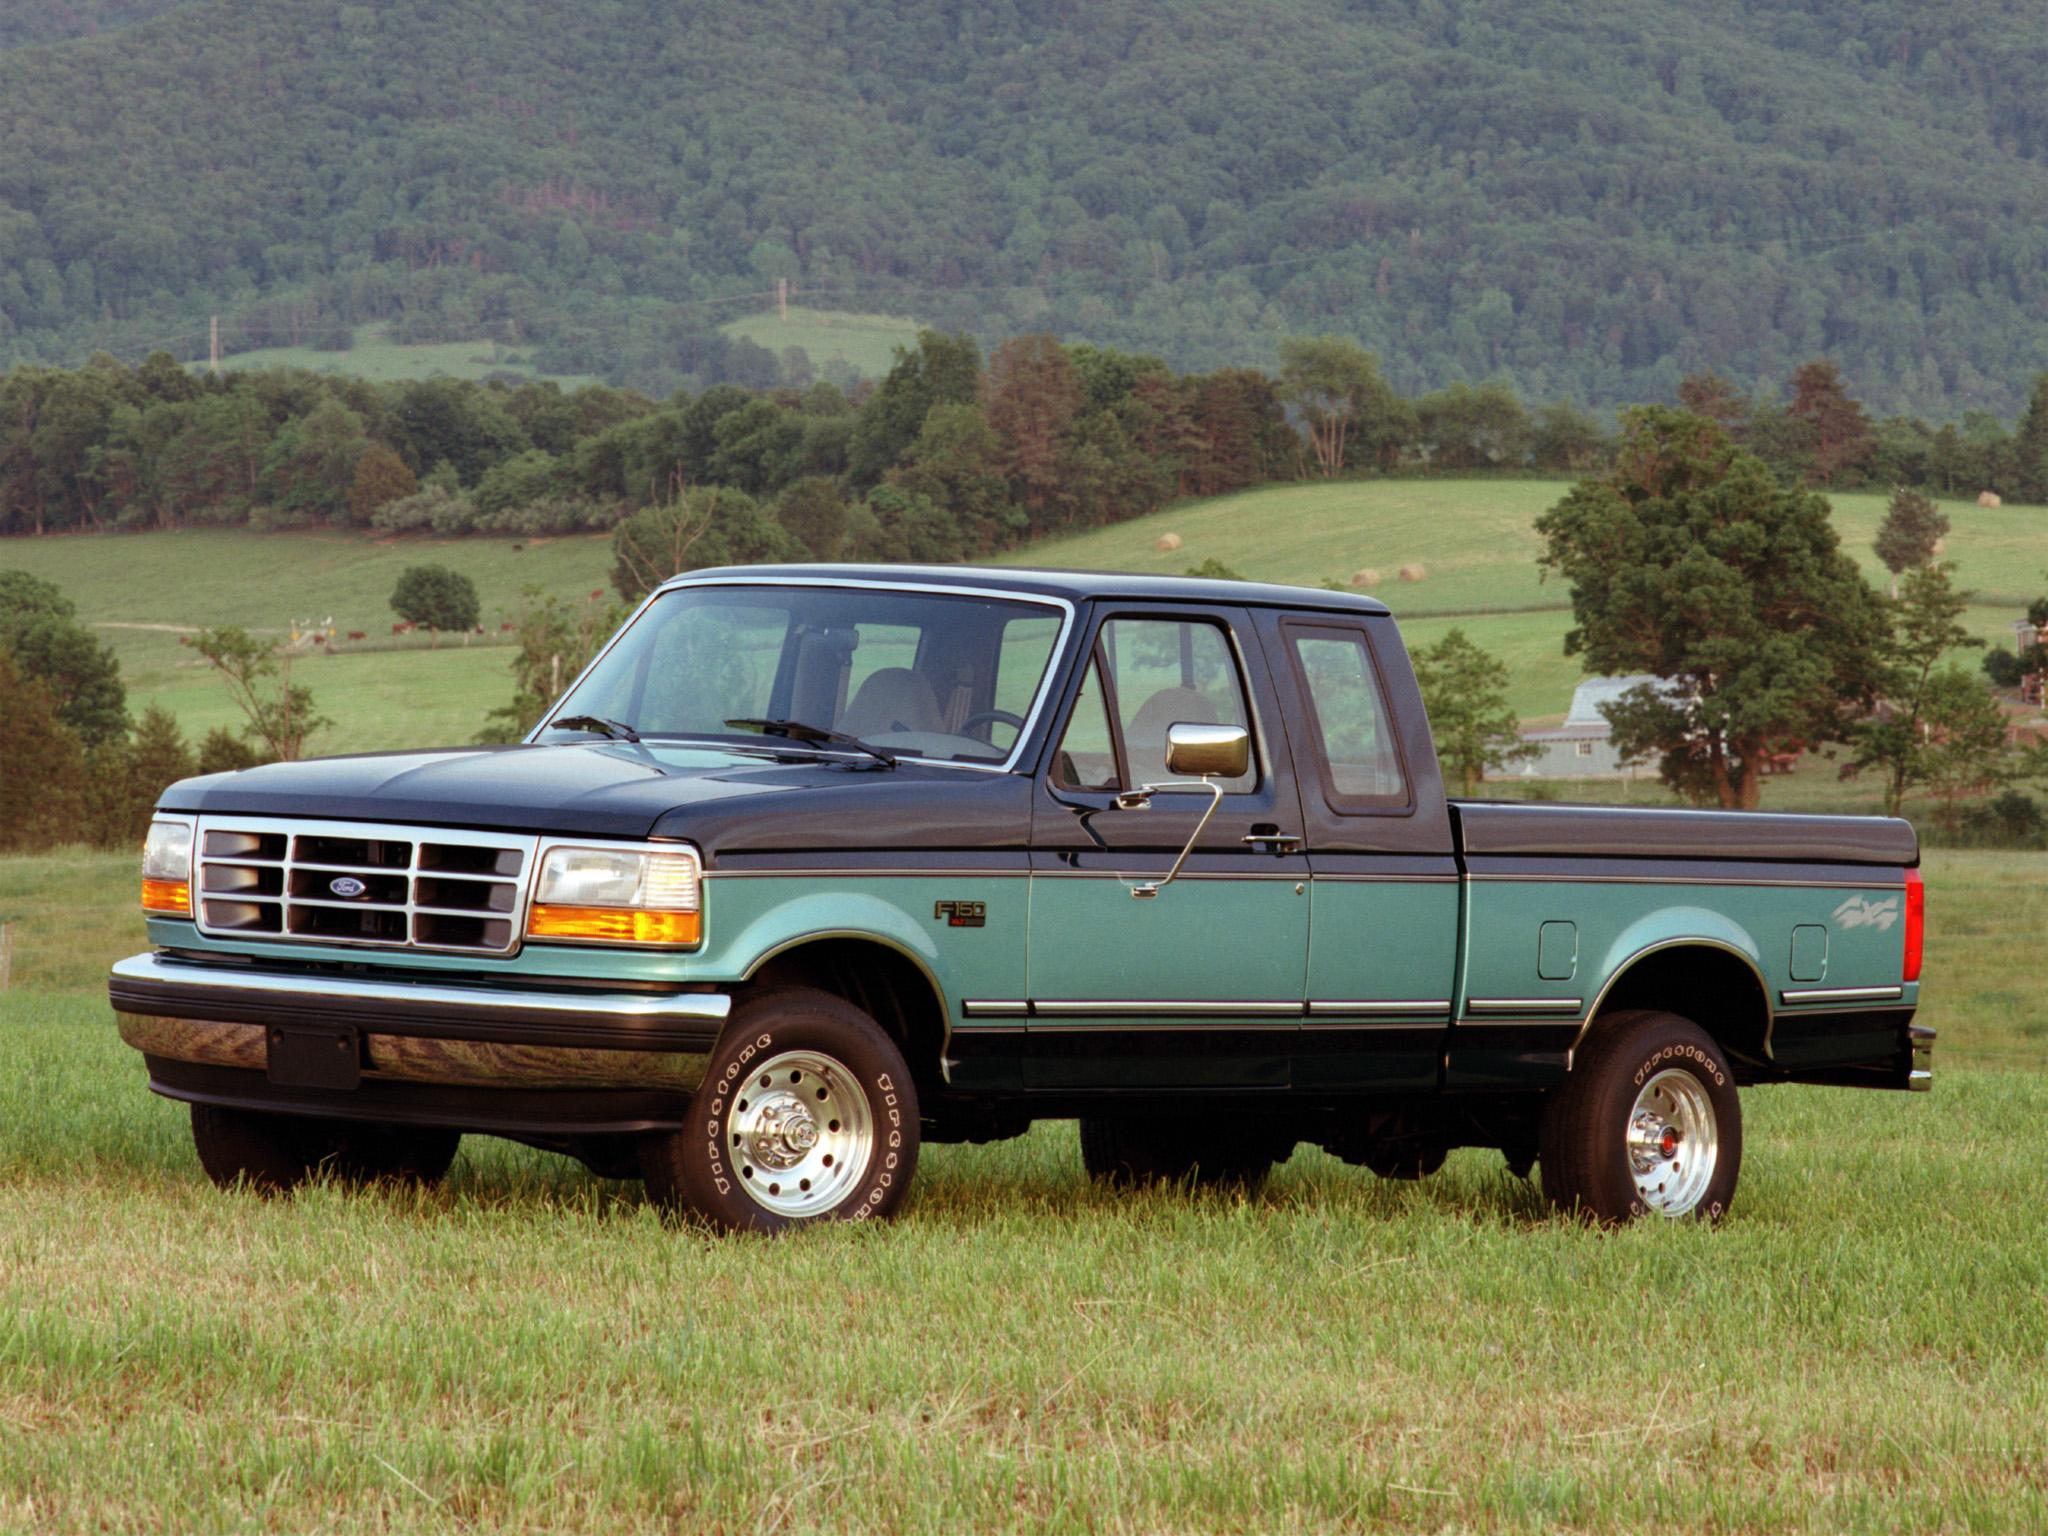 1992 Ford F 150 XLT 4x4 pickup wallpaper 2048x1536 142558 2048x1536